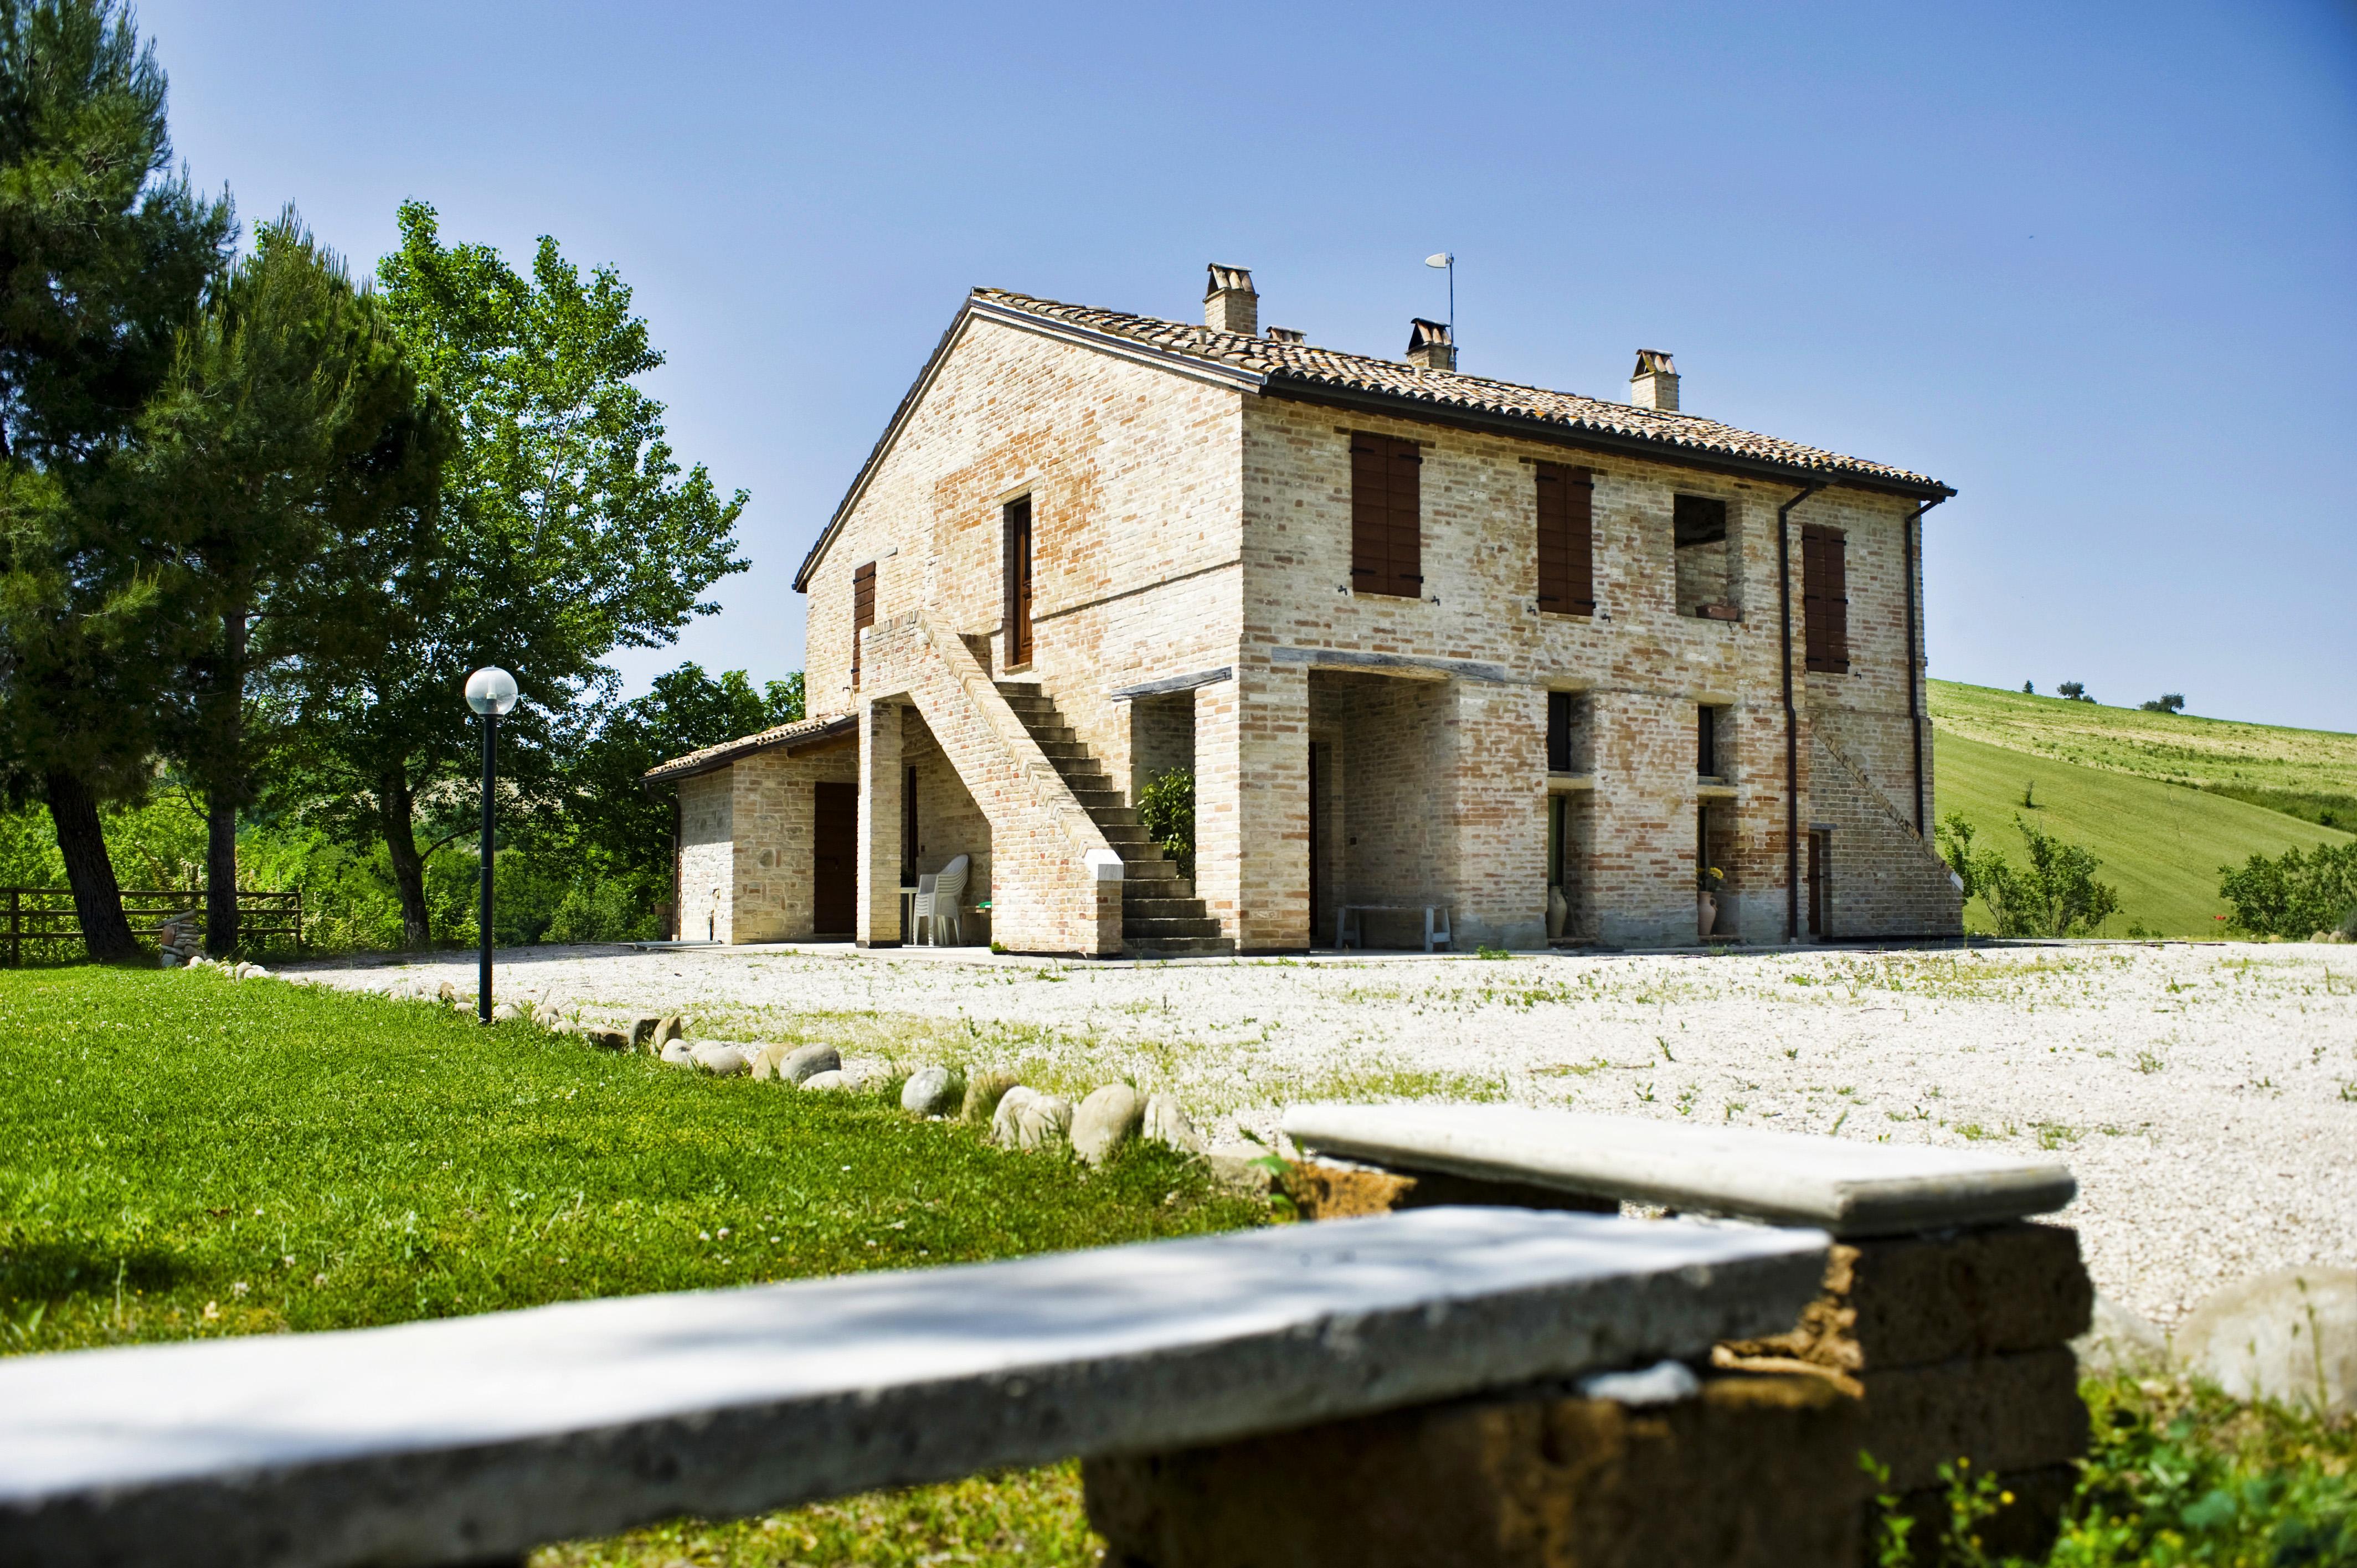 Ferienwohnung Il Casale di Giovanna - Lavender (2124914), San Venanzo, Ascoli Piceno, Marken, Italien, Bild 4